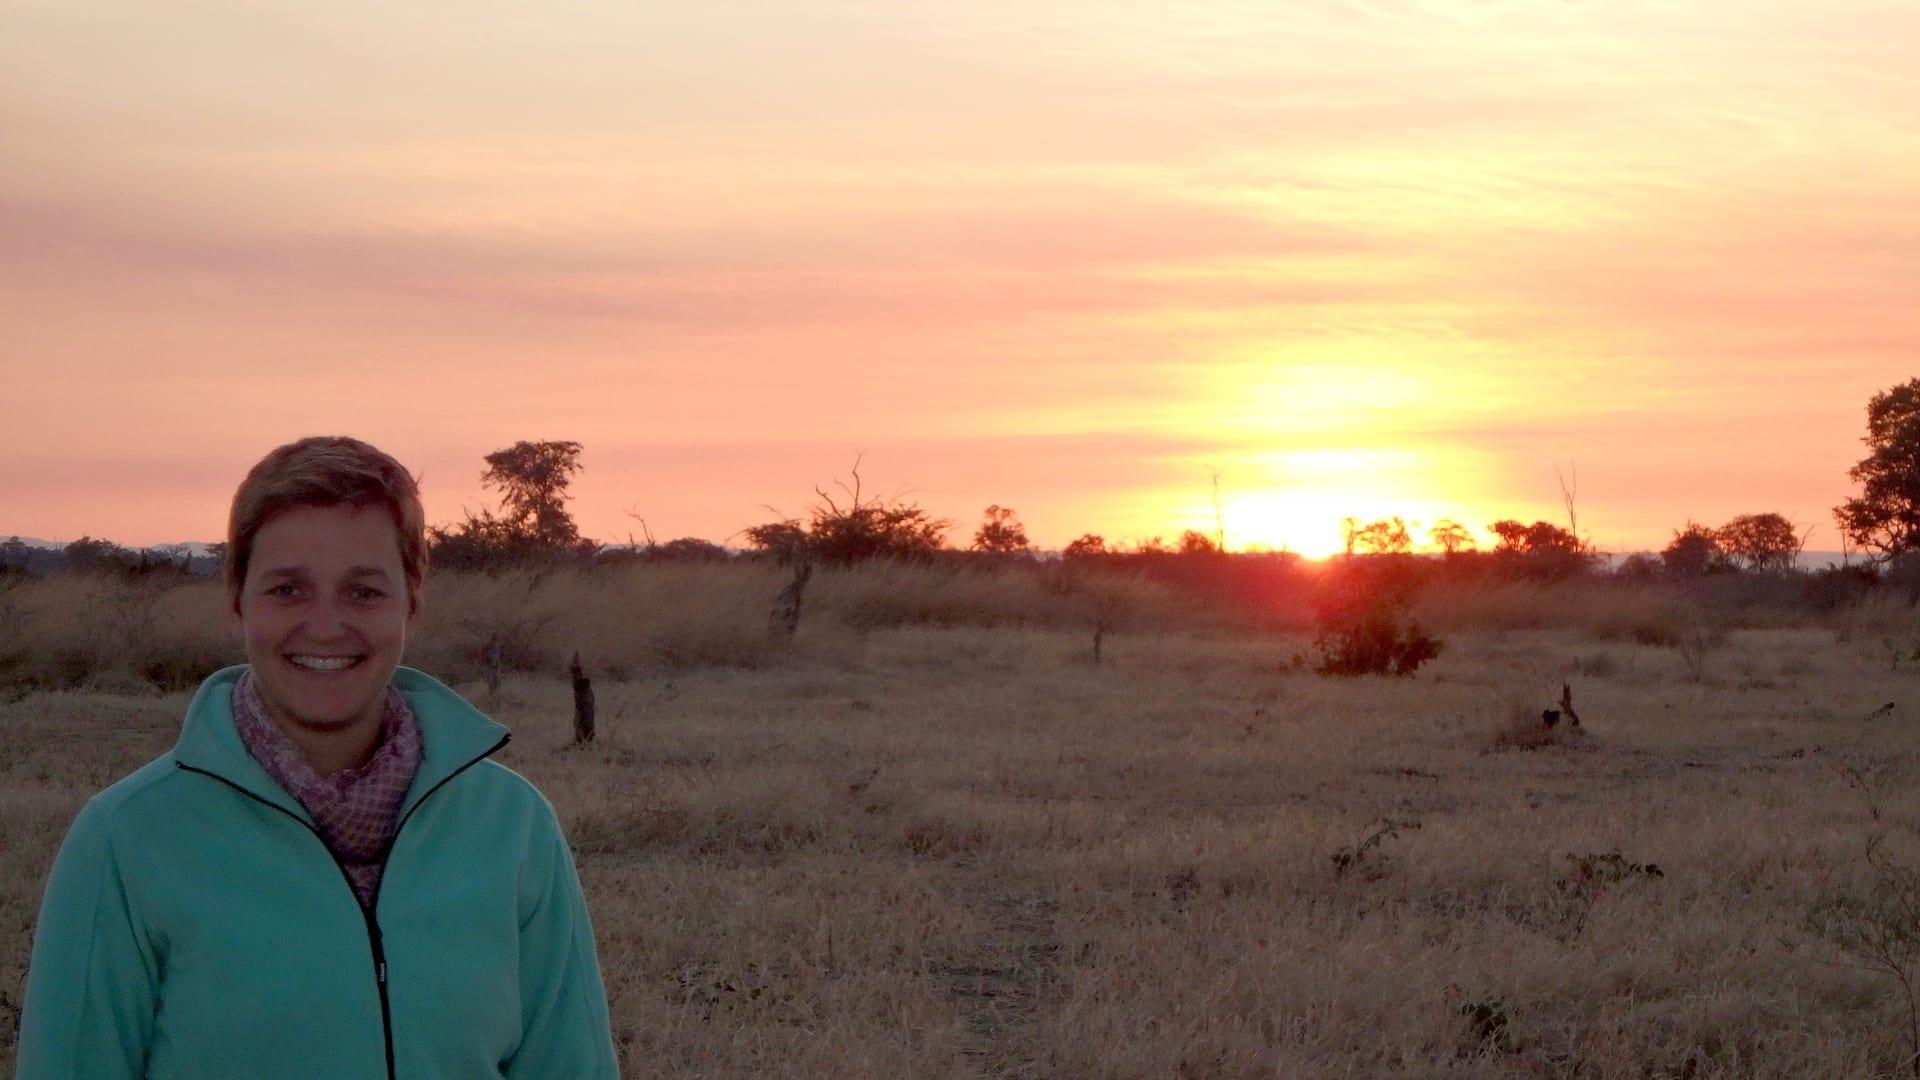 ALGEMEEN - ZAM - Zonsondergang in Zambia